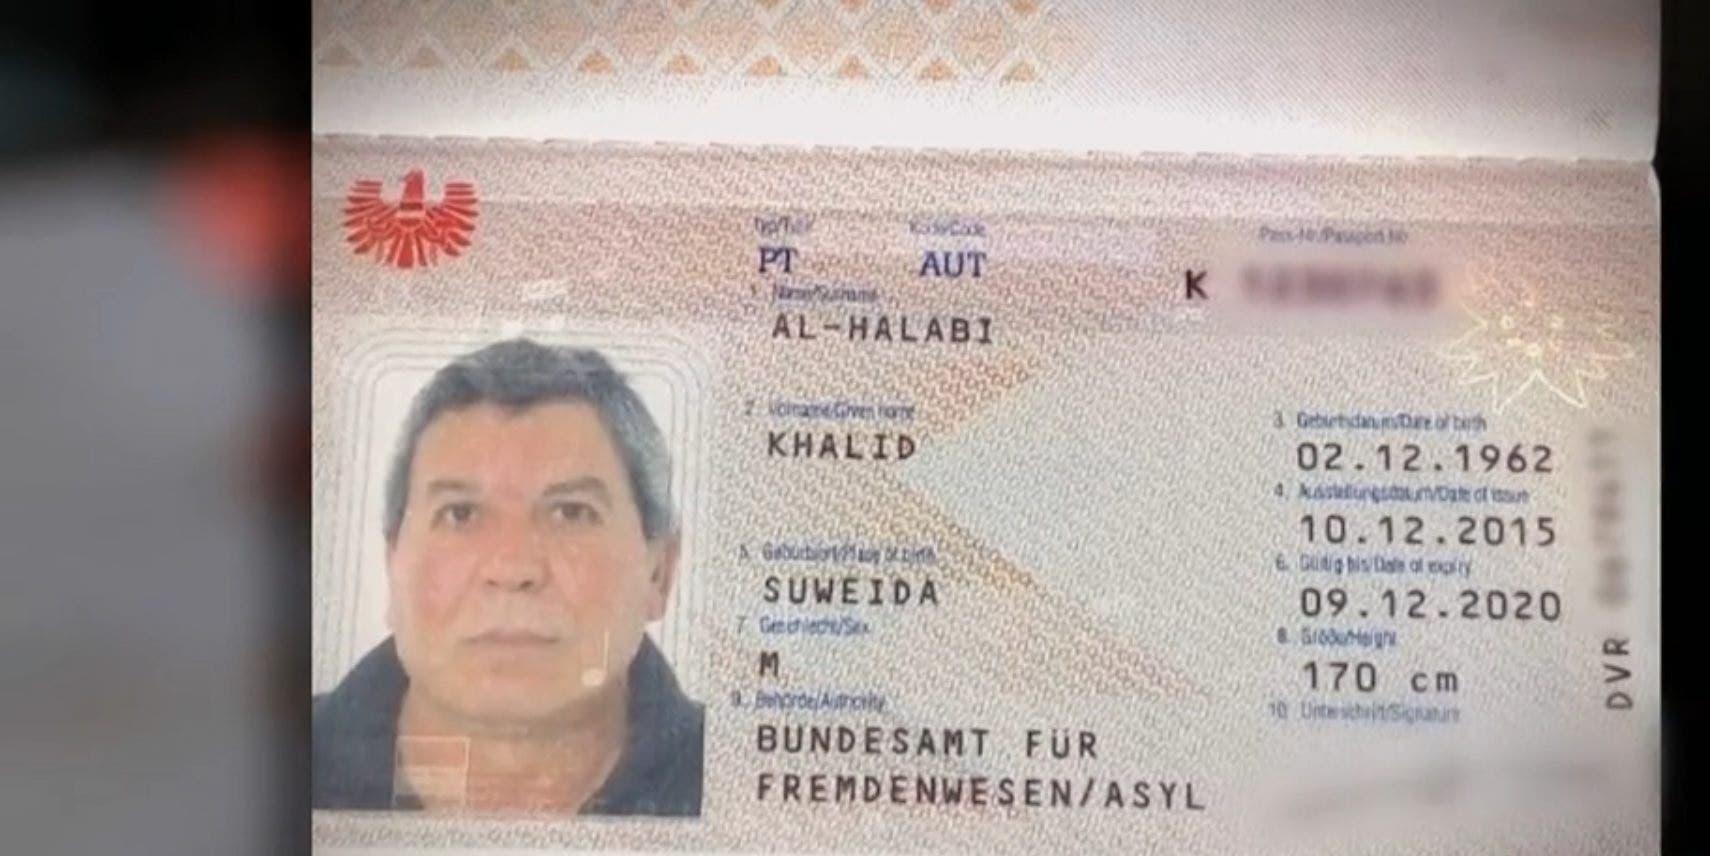 صورة متداولة لجواز السفر الخاص بالحلبي